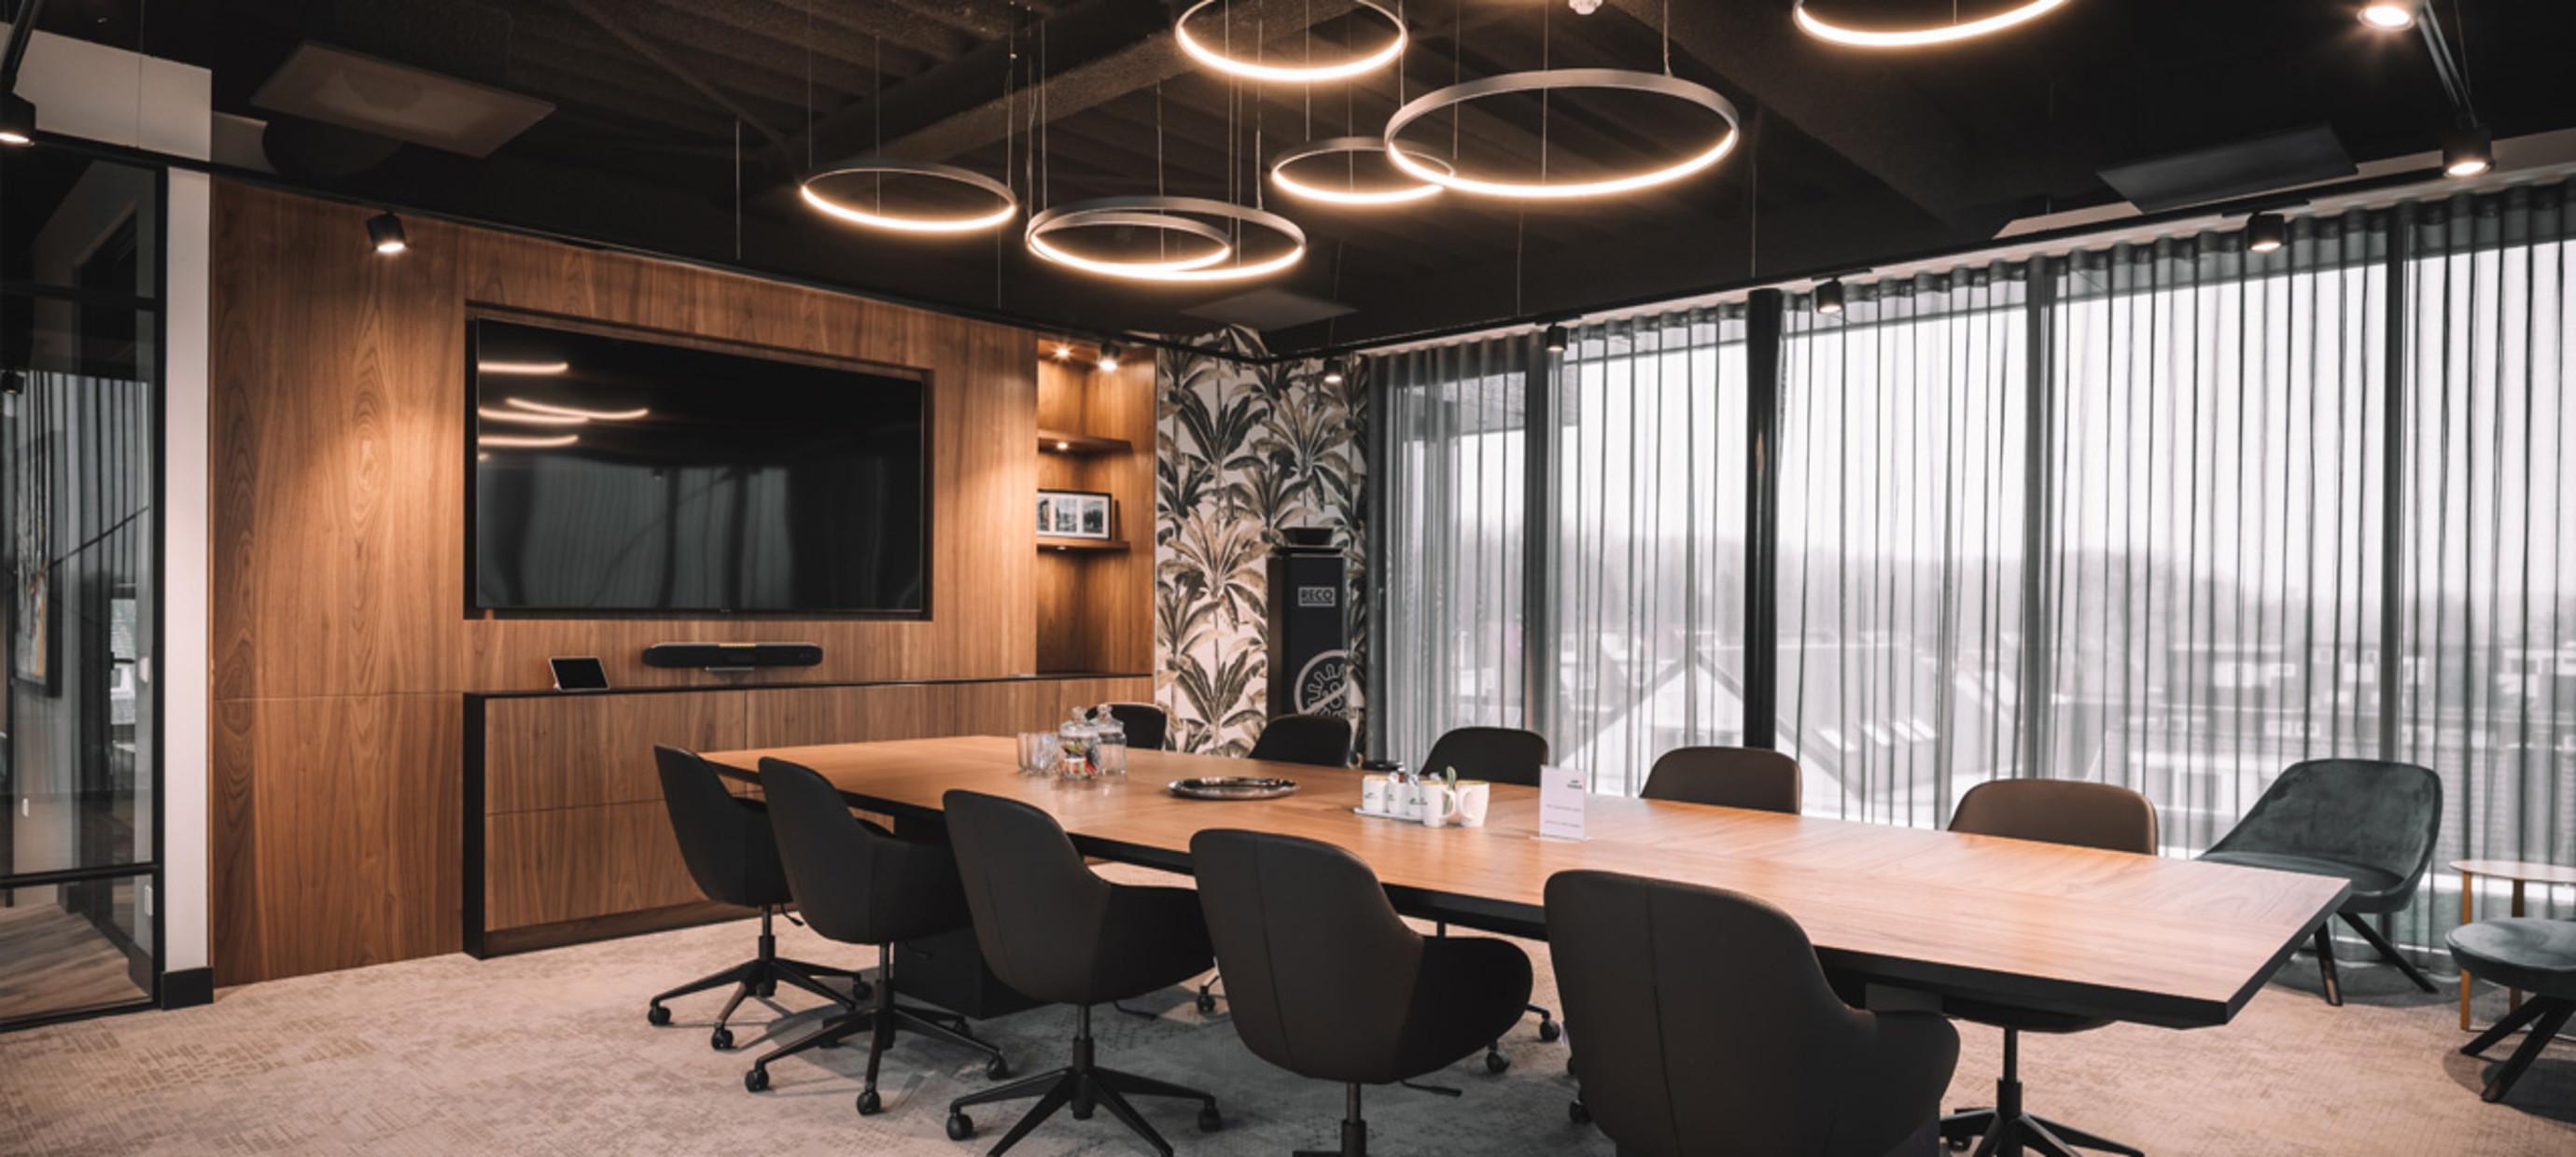 Project: Stebru office, Nieuwerkerk aan den IJssel (the Nederlands)